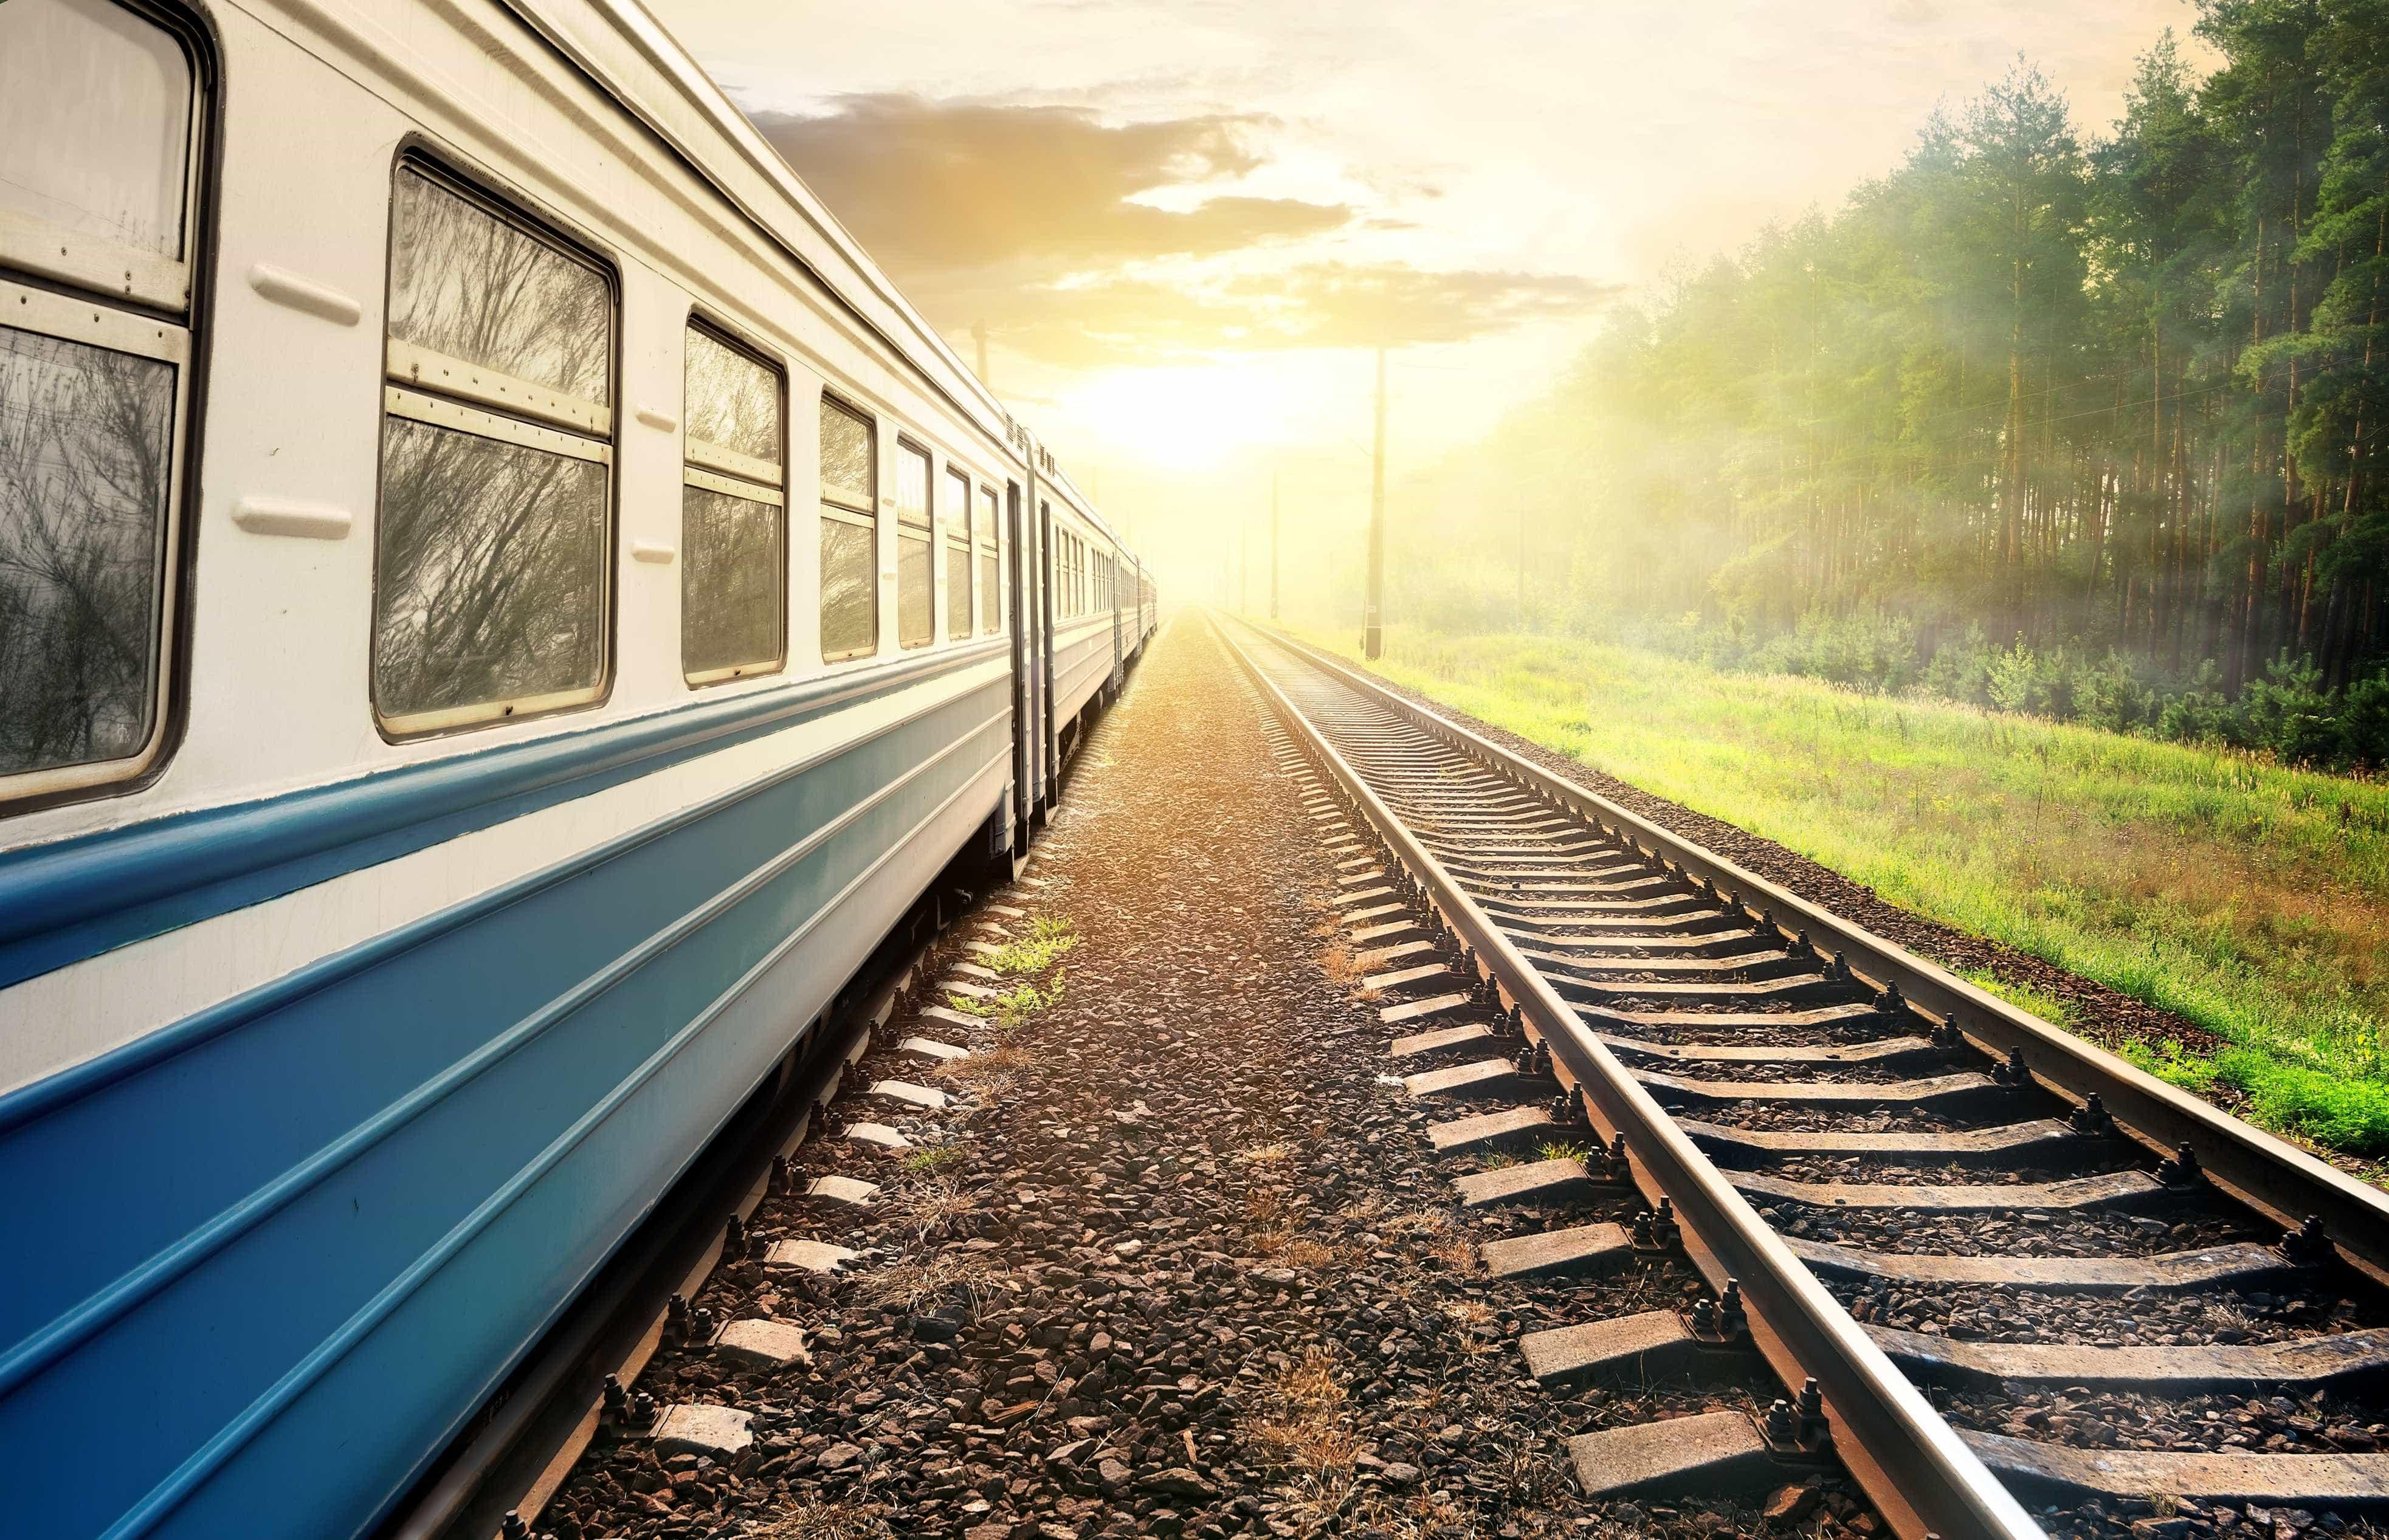 Comboio atrasado pode dar indemnização. A 'culpa' é de uma lei europeia